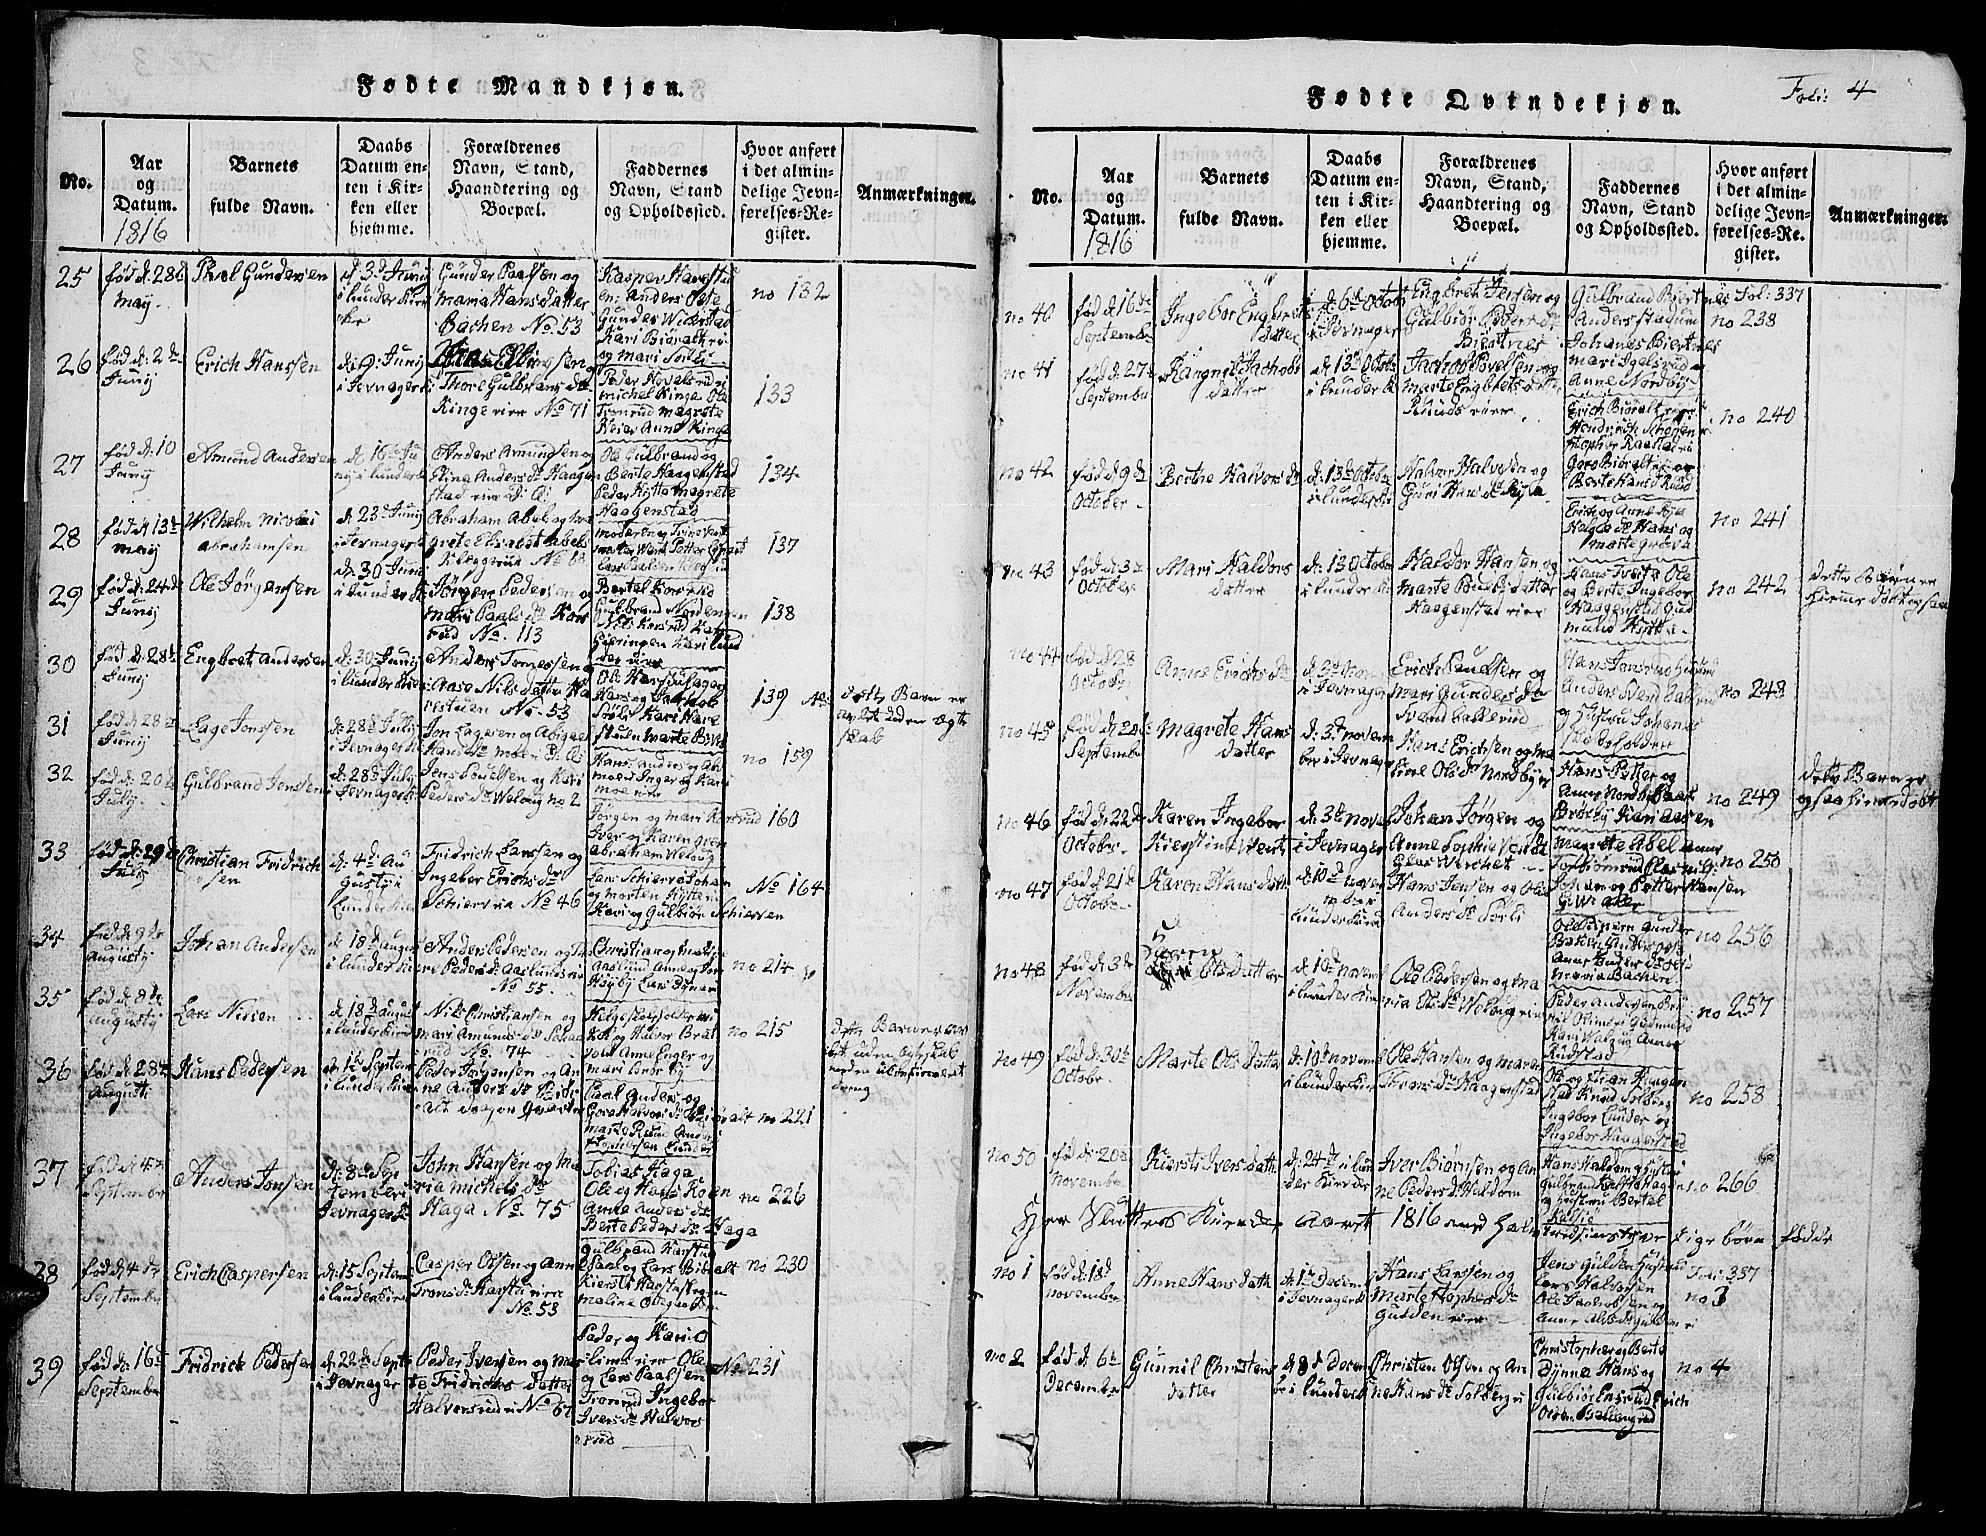 SAH, Jevnaker prestekontor, Klokkerbok nr. 1, 1815-1837, s. 4